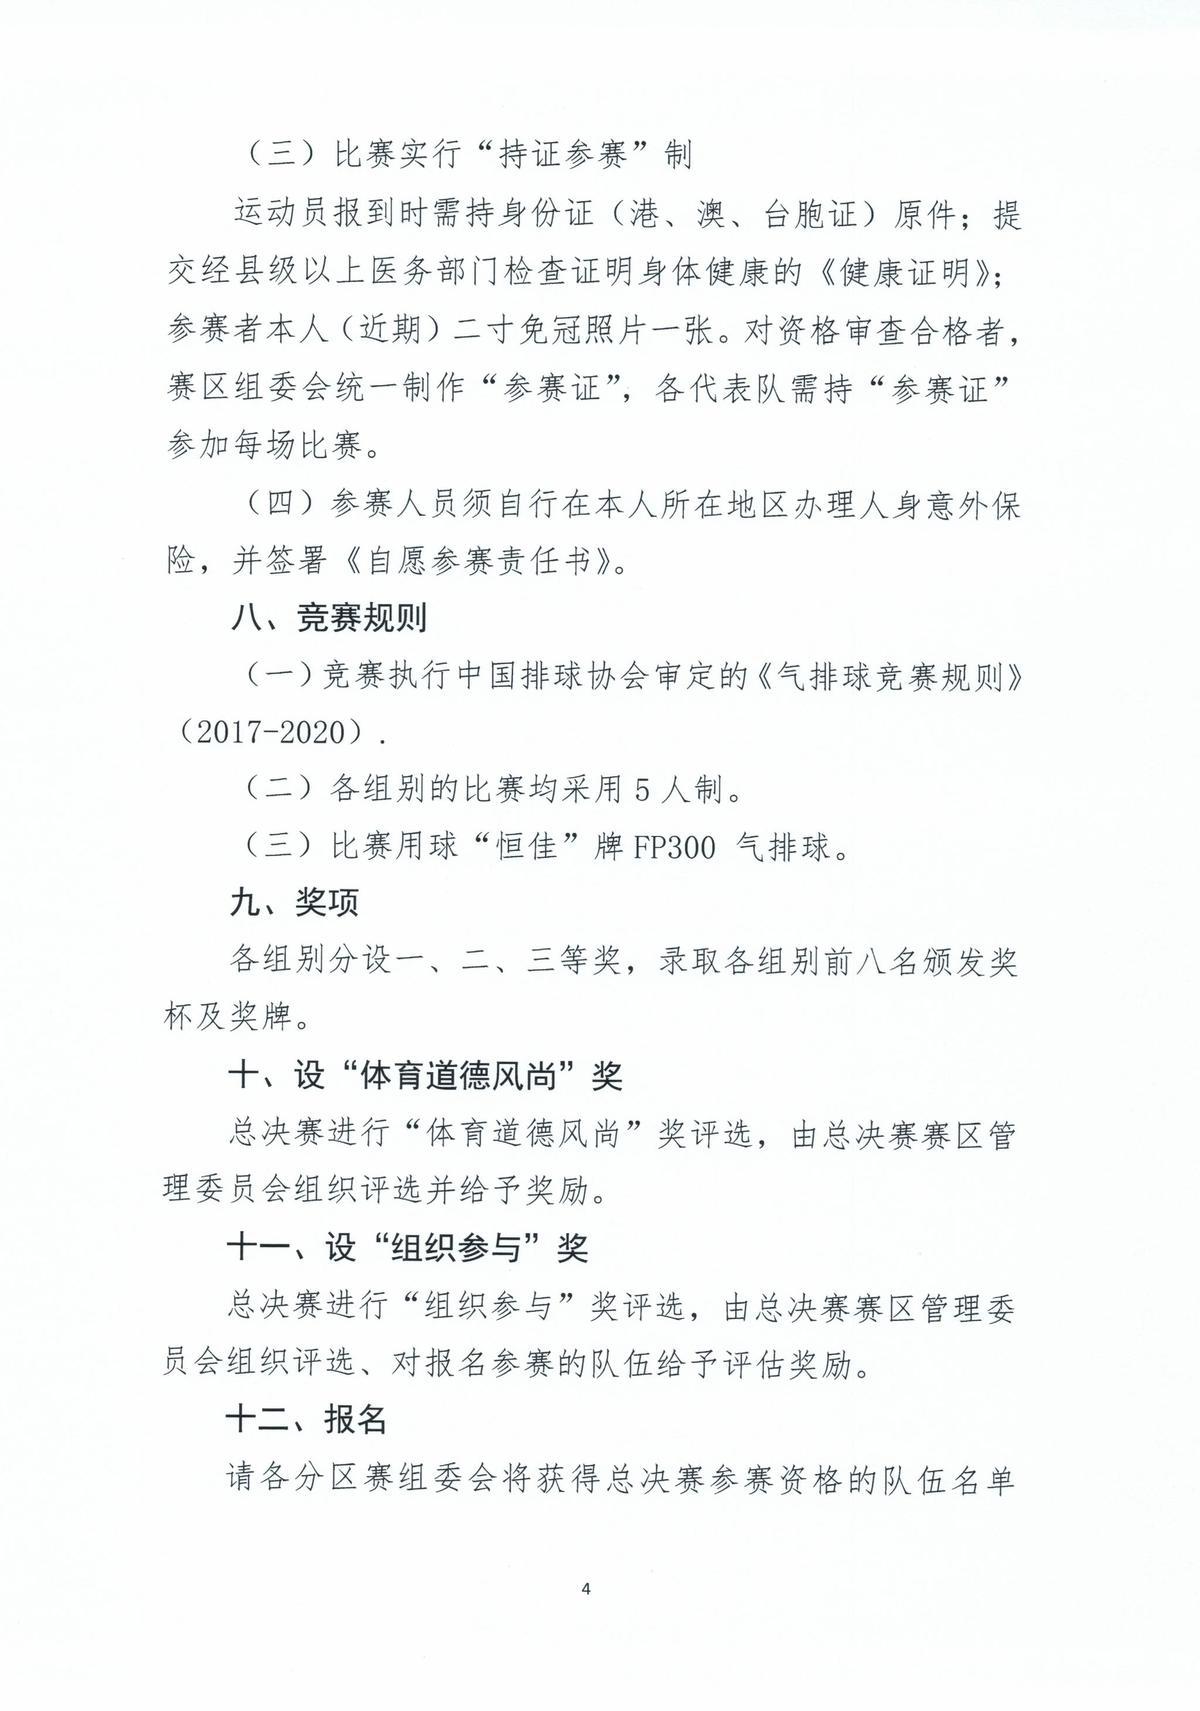 湖南总决赛规程_000342